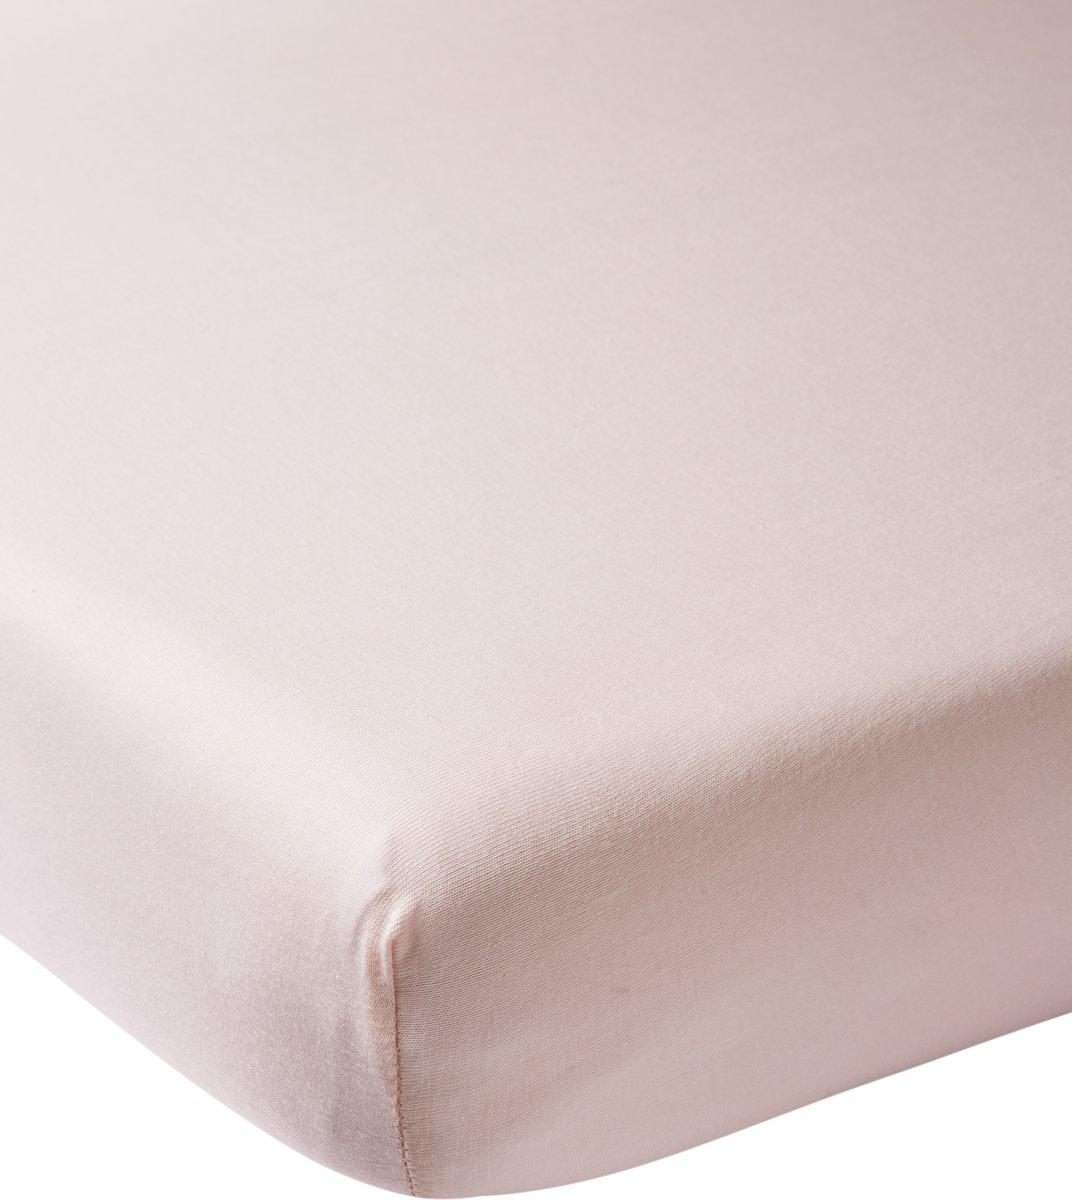 Meyco jersey hoeslaken boxmatras - 75x95 cm - lichtroze